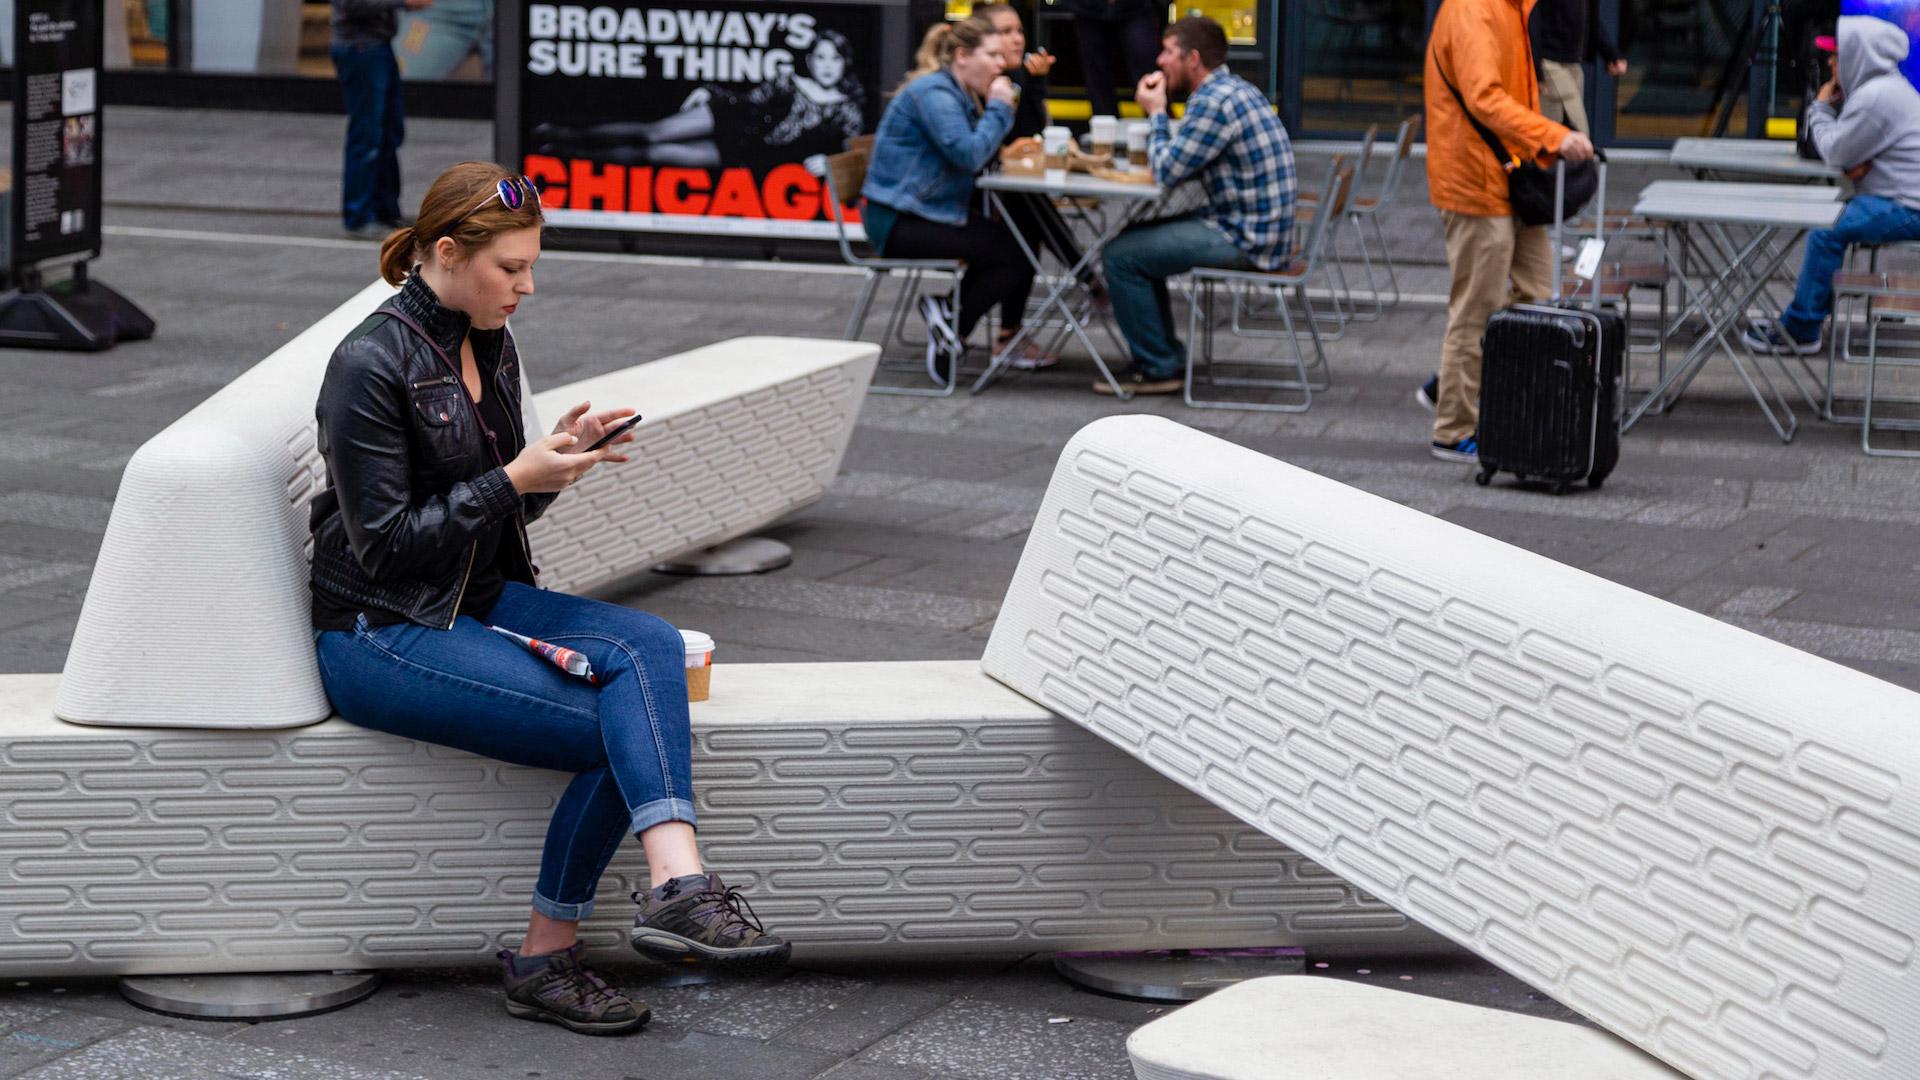 Los originales asientos antiterrorismo en el Times Square de Nueva York